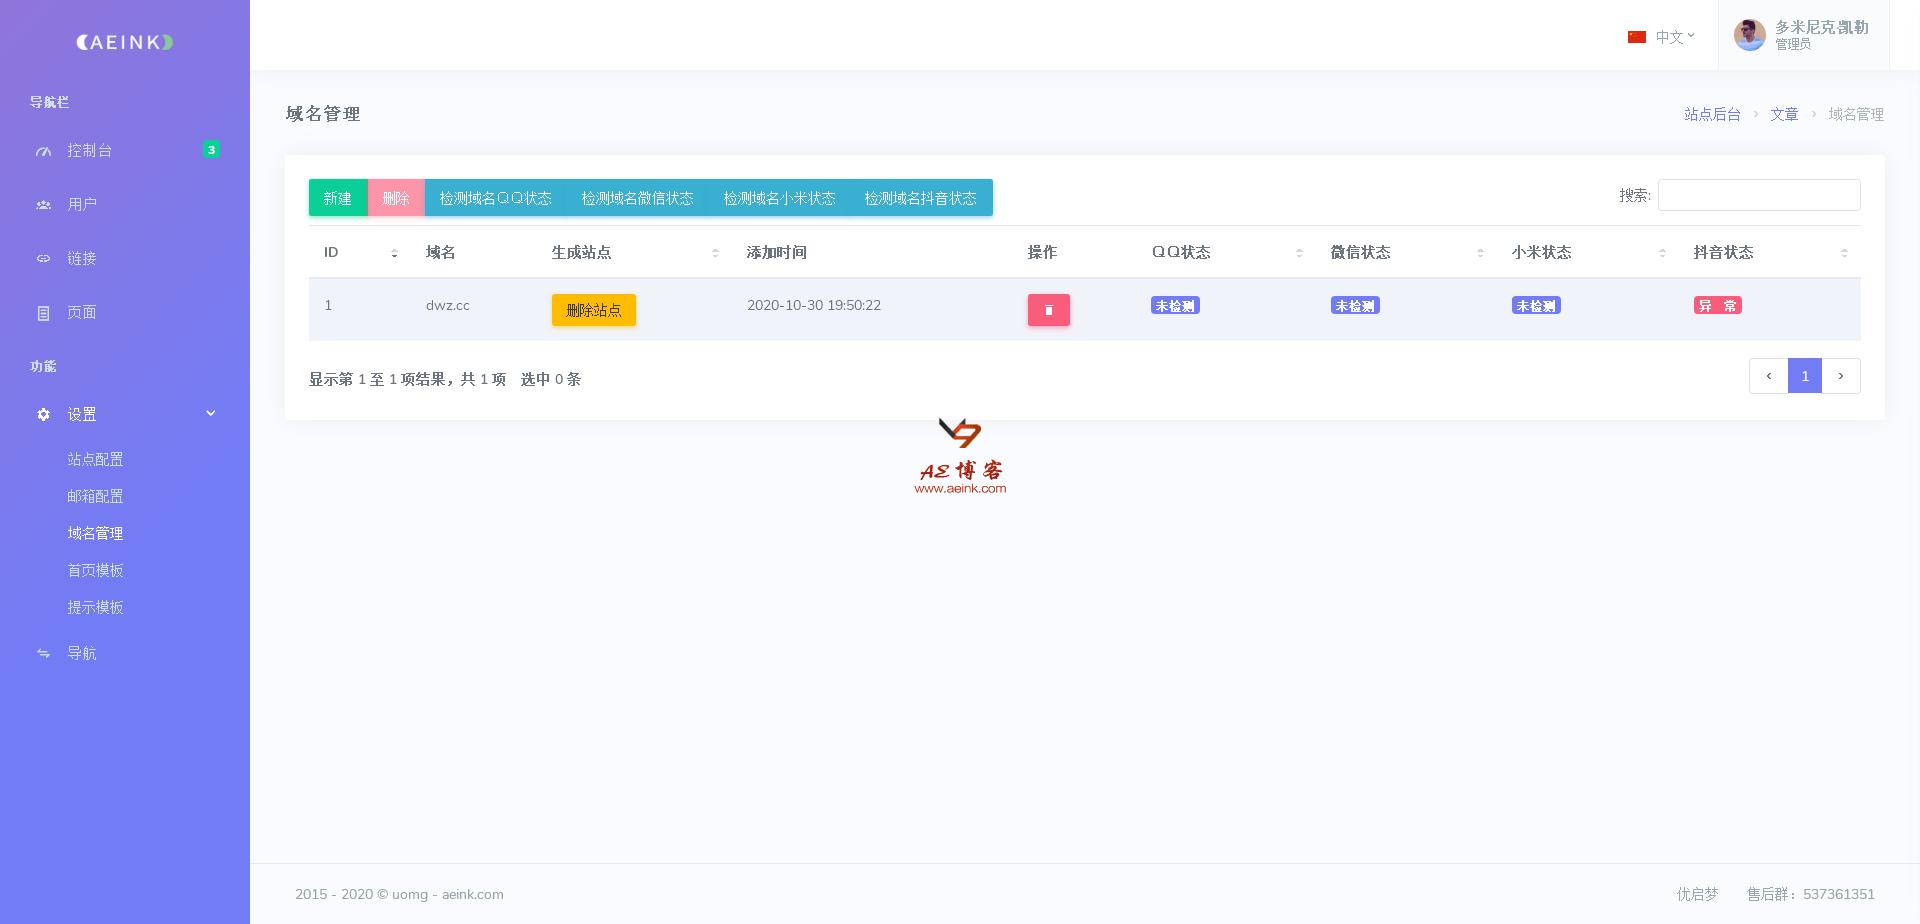 域名管理 - 优启梦定制平台.png